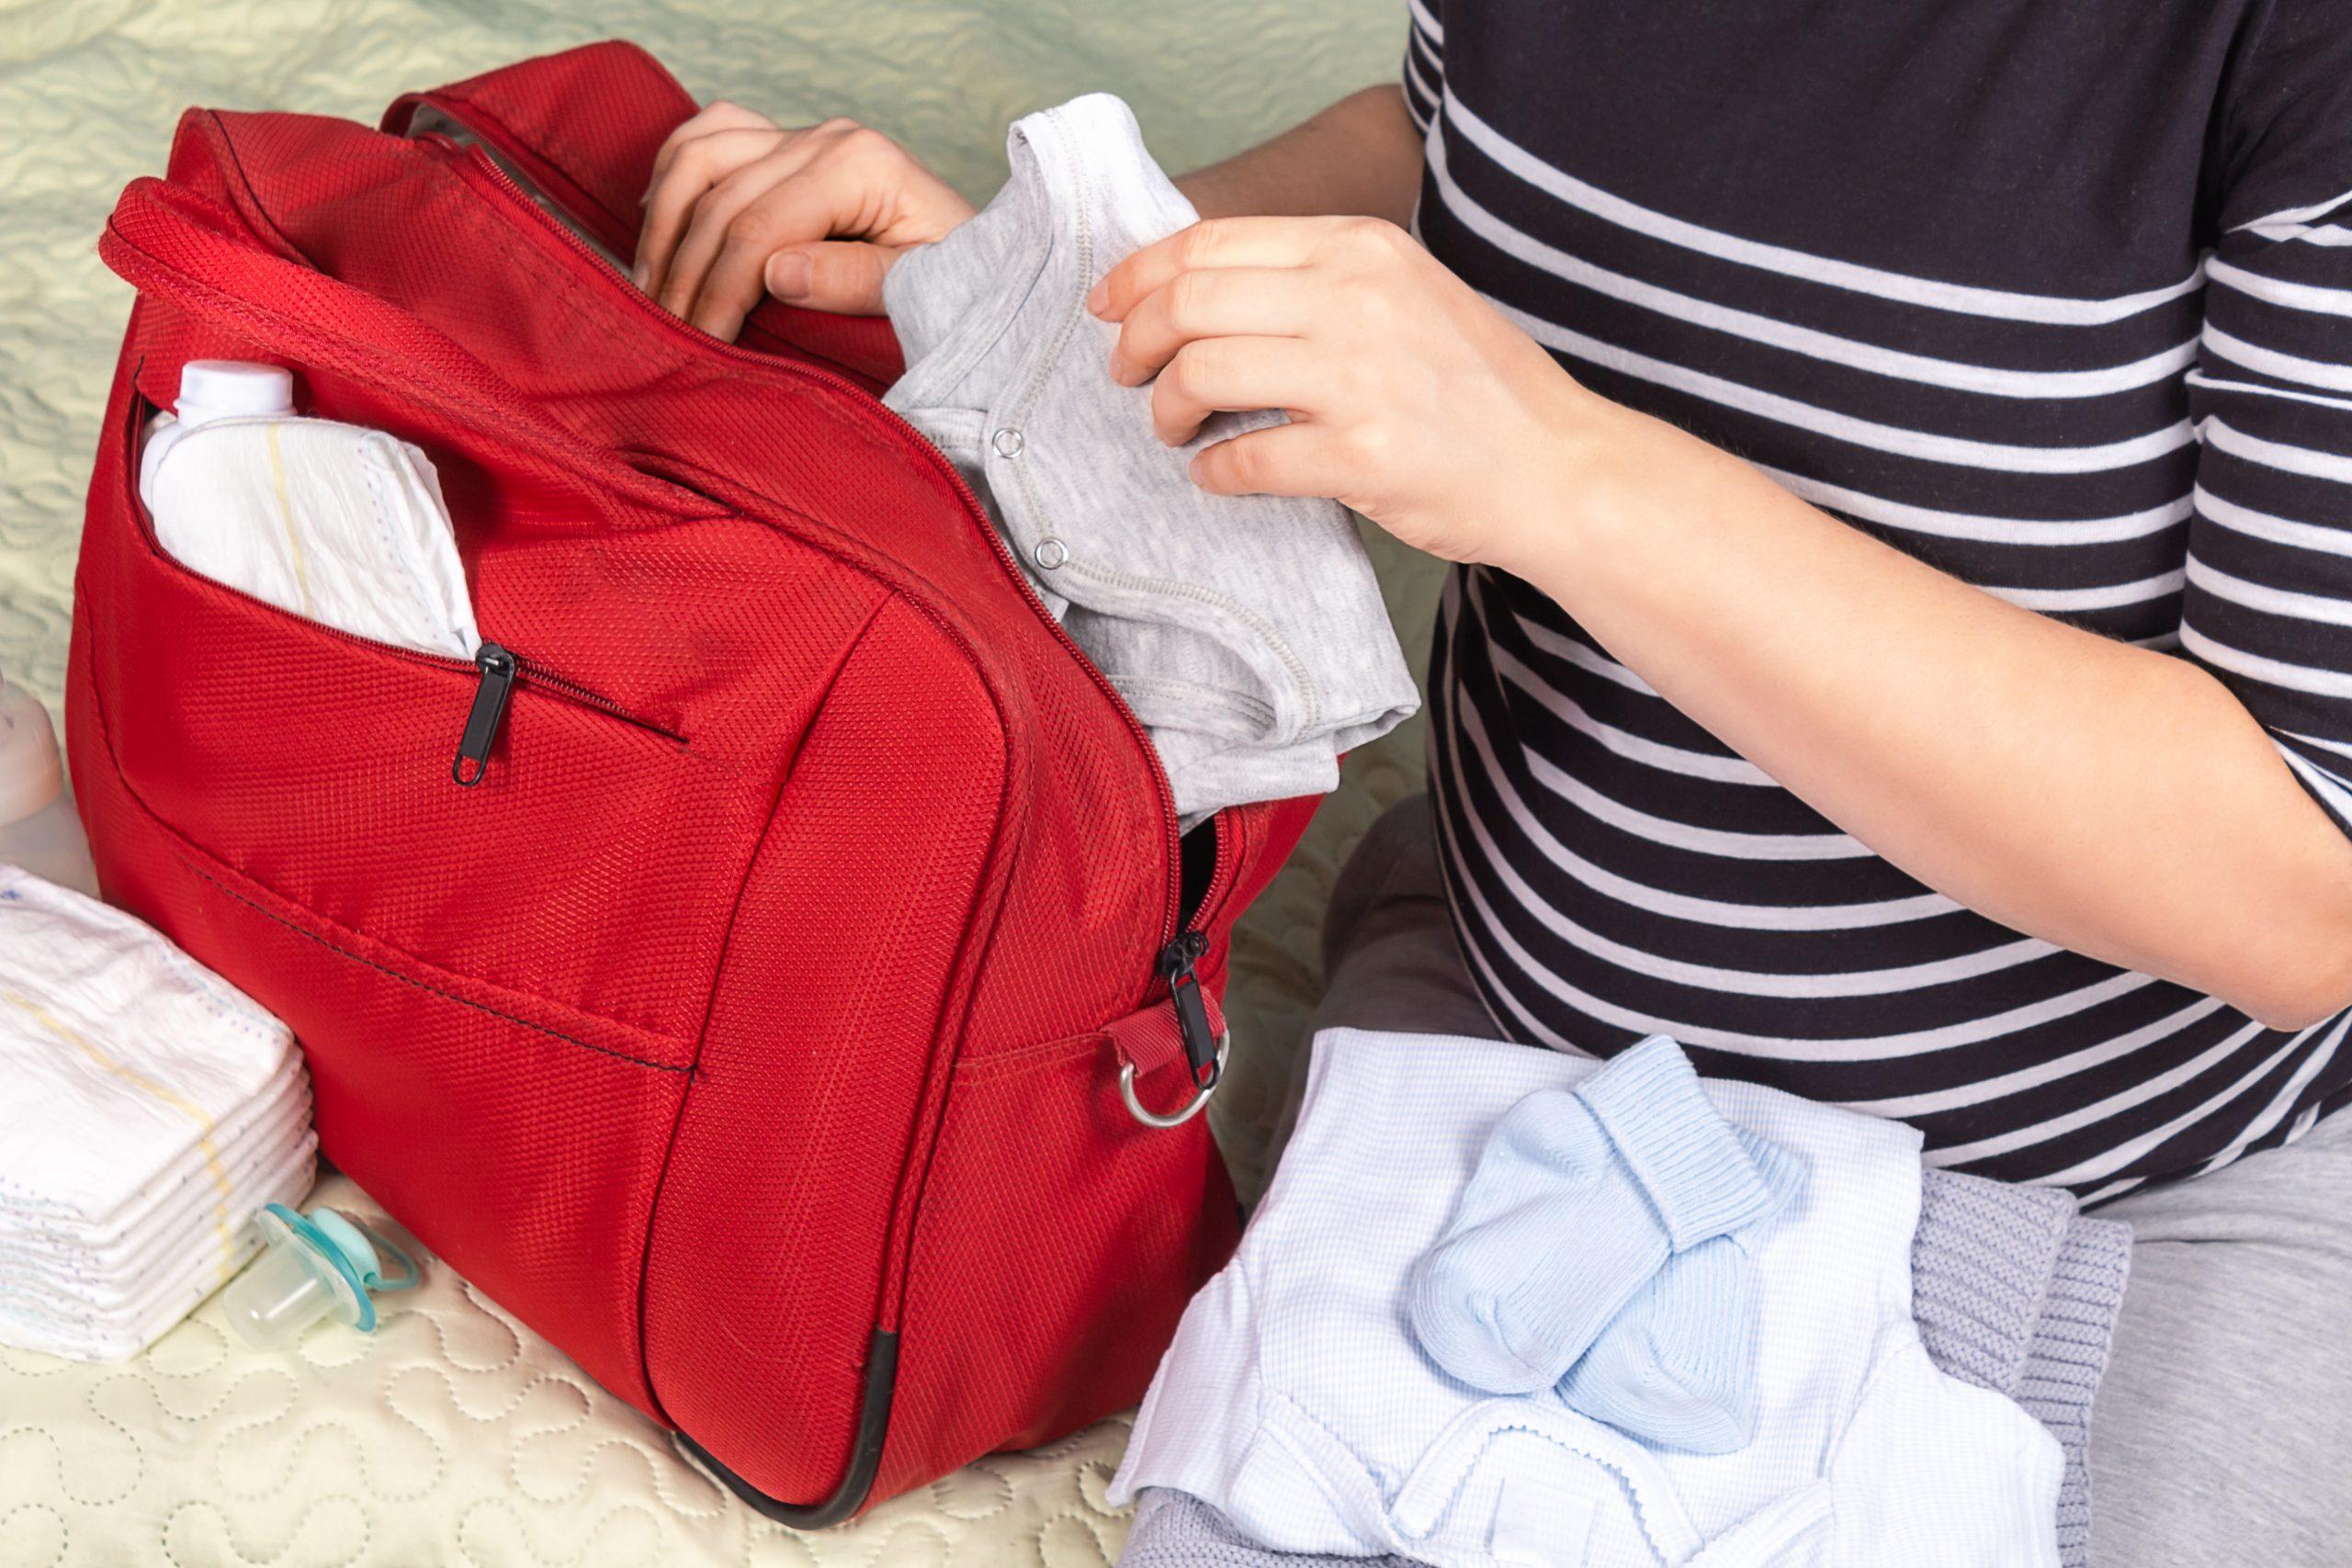 Подгузники в роддом: какие выбрать и сколько брать?